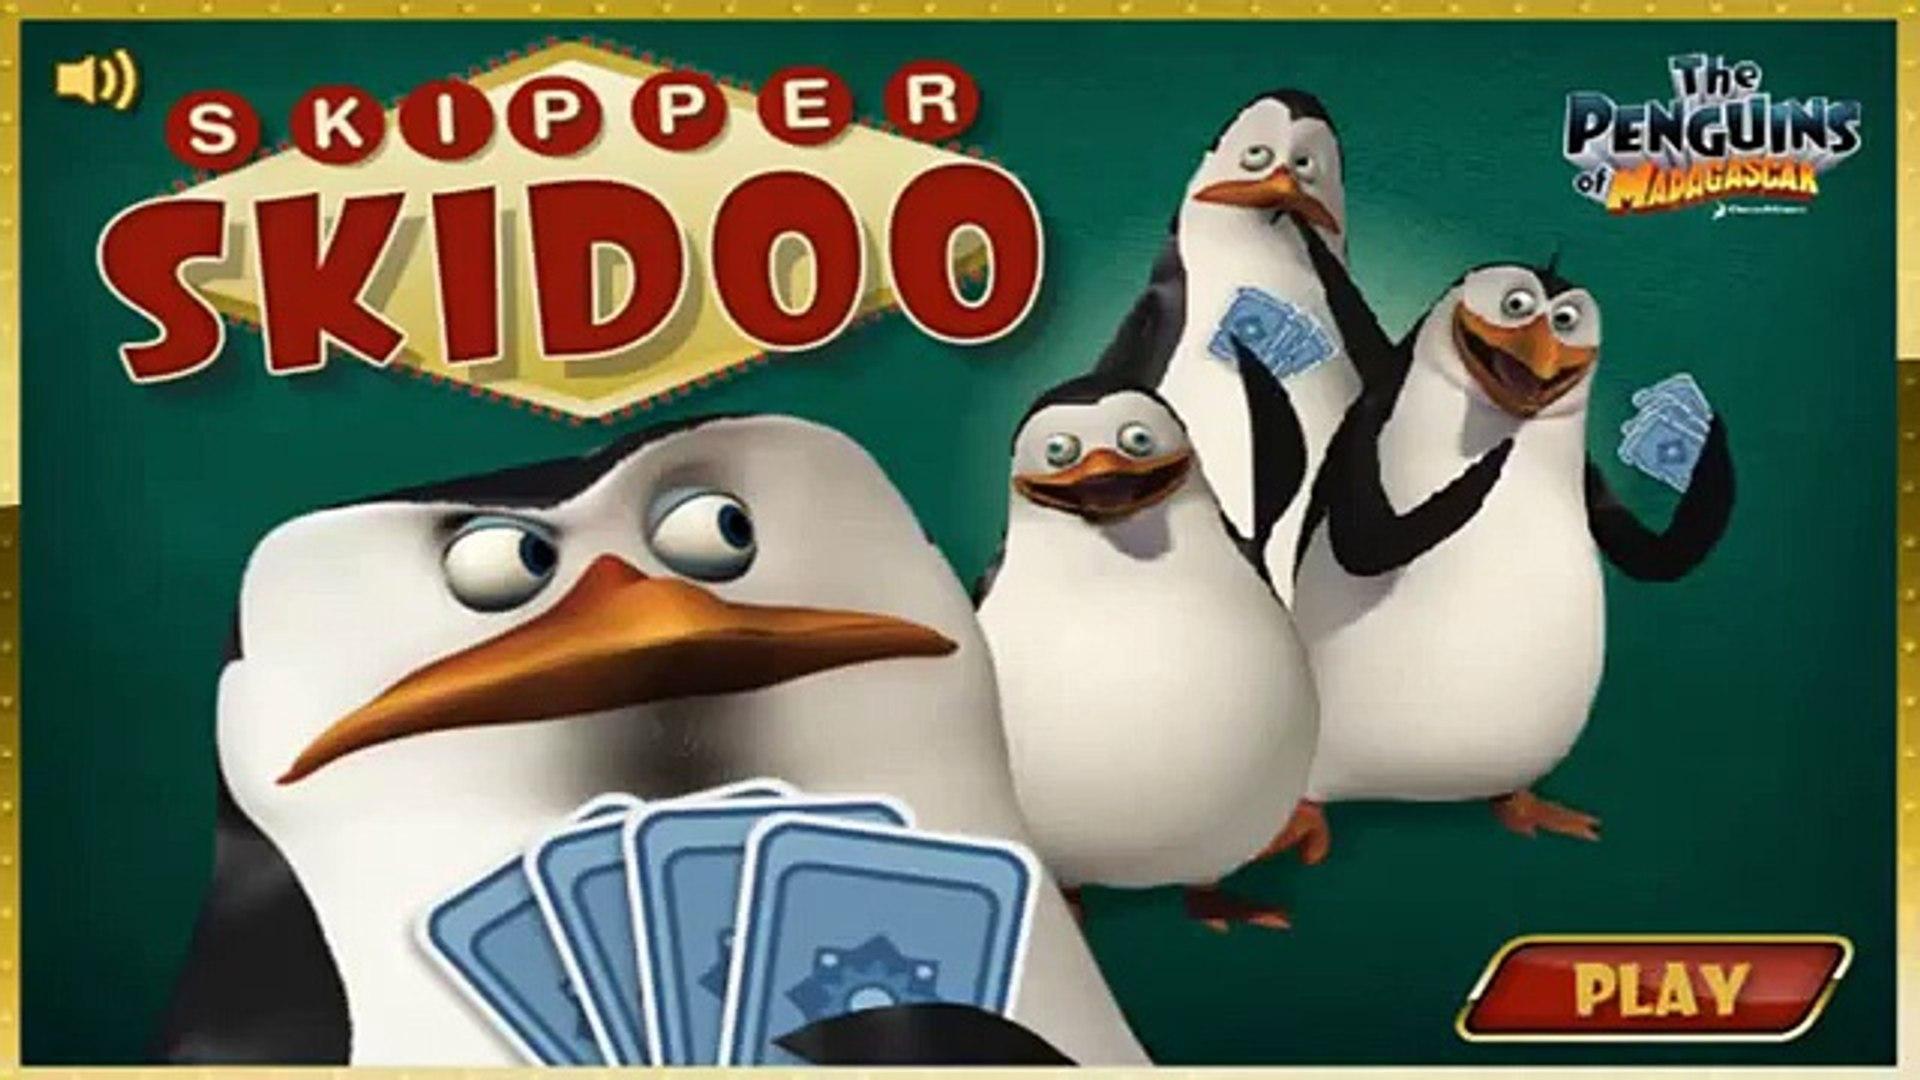 Играть карты пингвины мадагаскара казино вулкан с бездепозитным бонусом